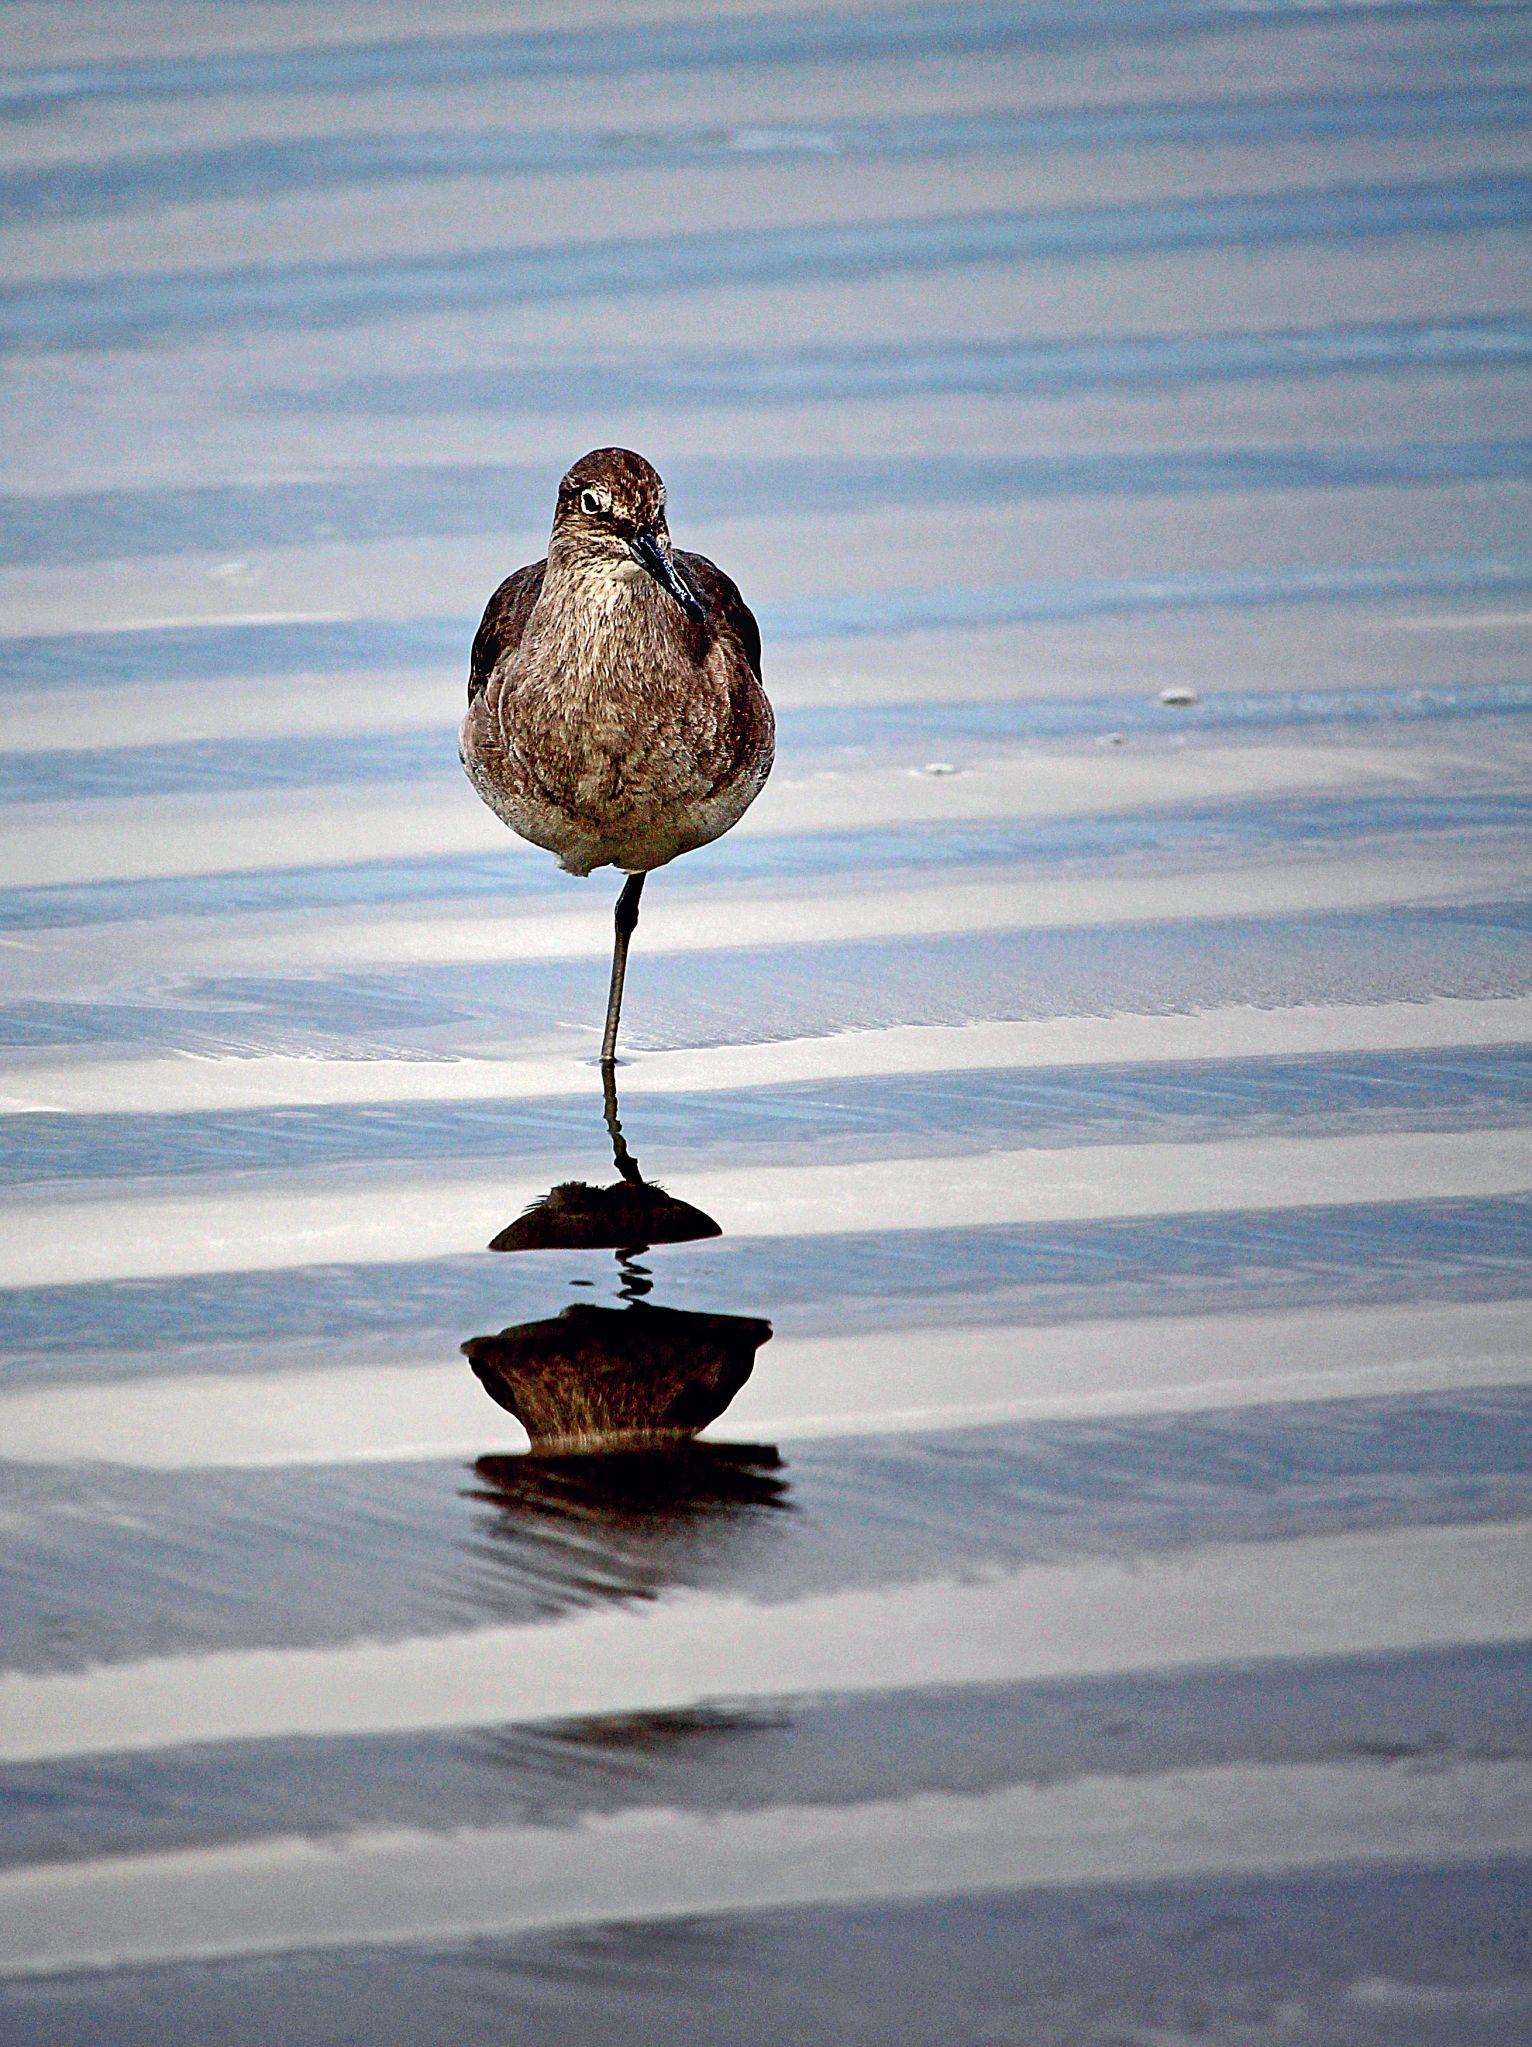 Bird Photography Of A California Sandpiper Standing On One Leg Bird Photography Sandpiper Bird Leg Photography